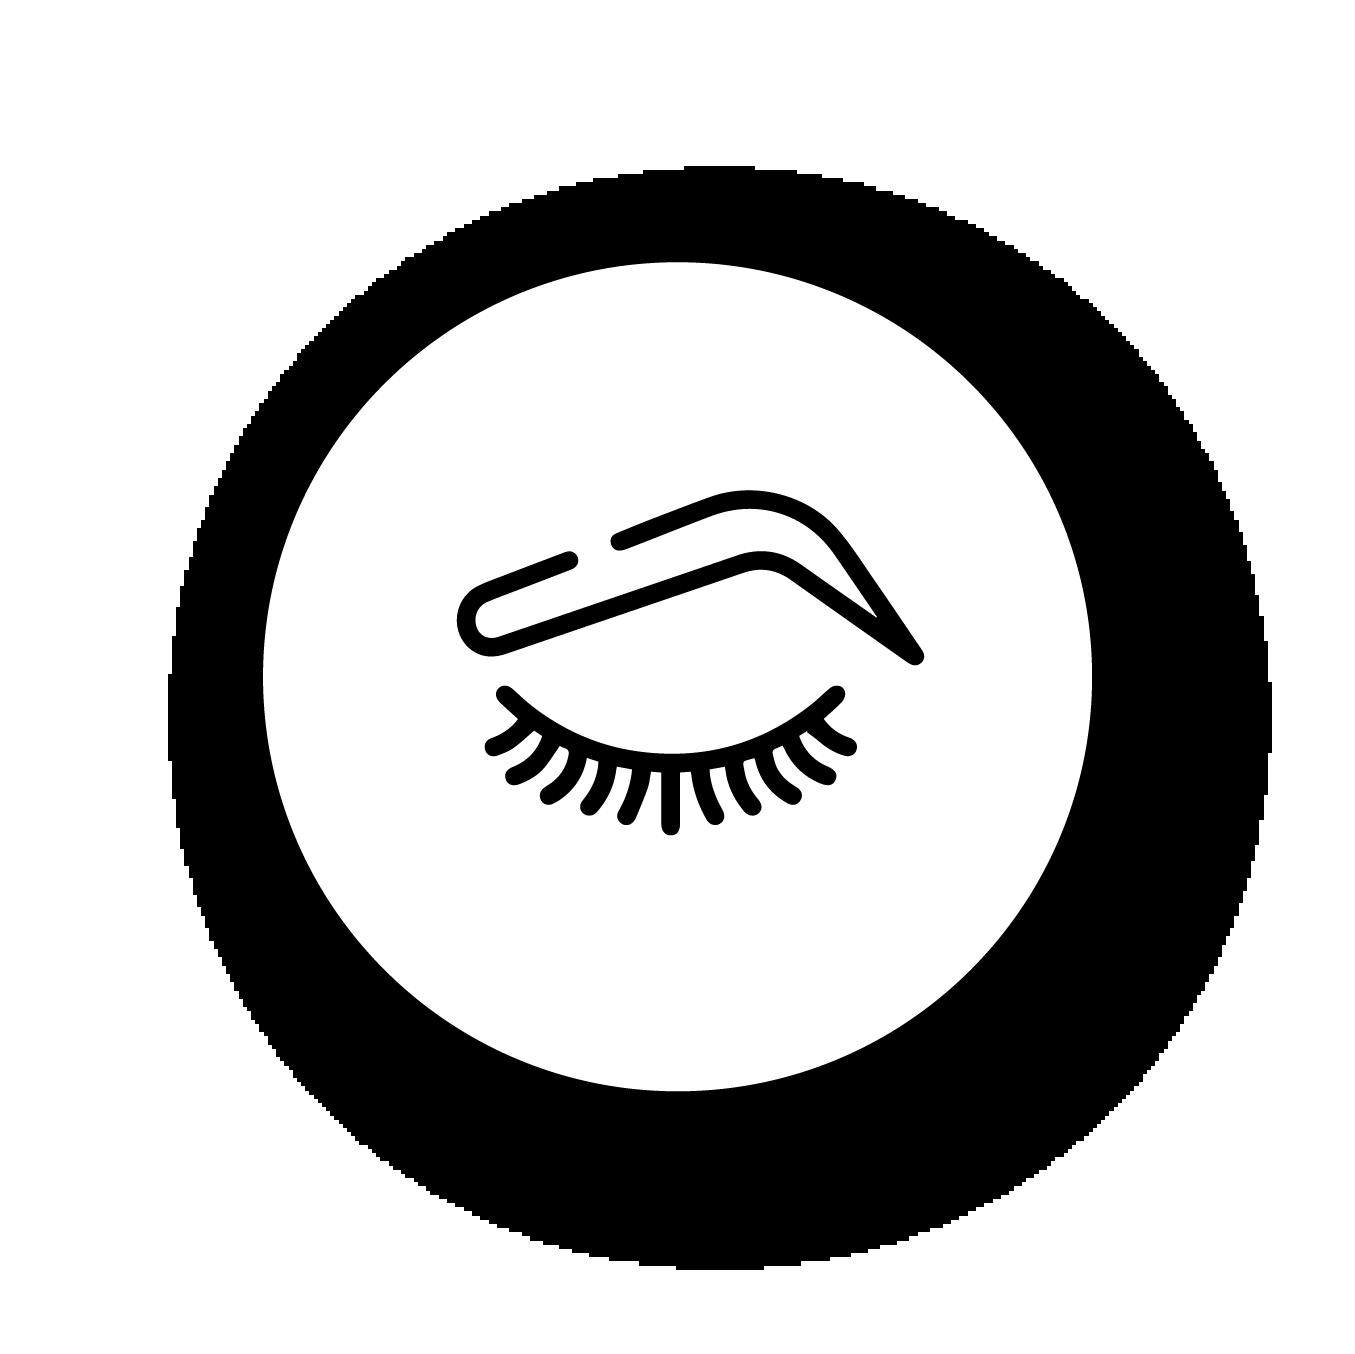 pictos-services-extensions-de-cils